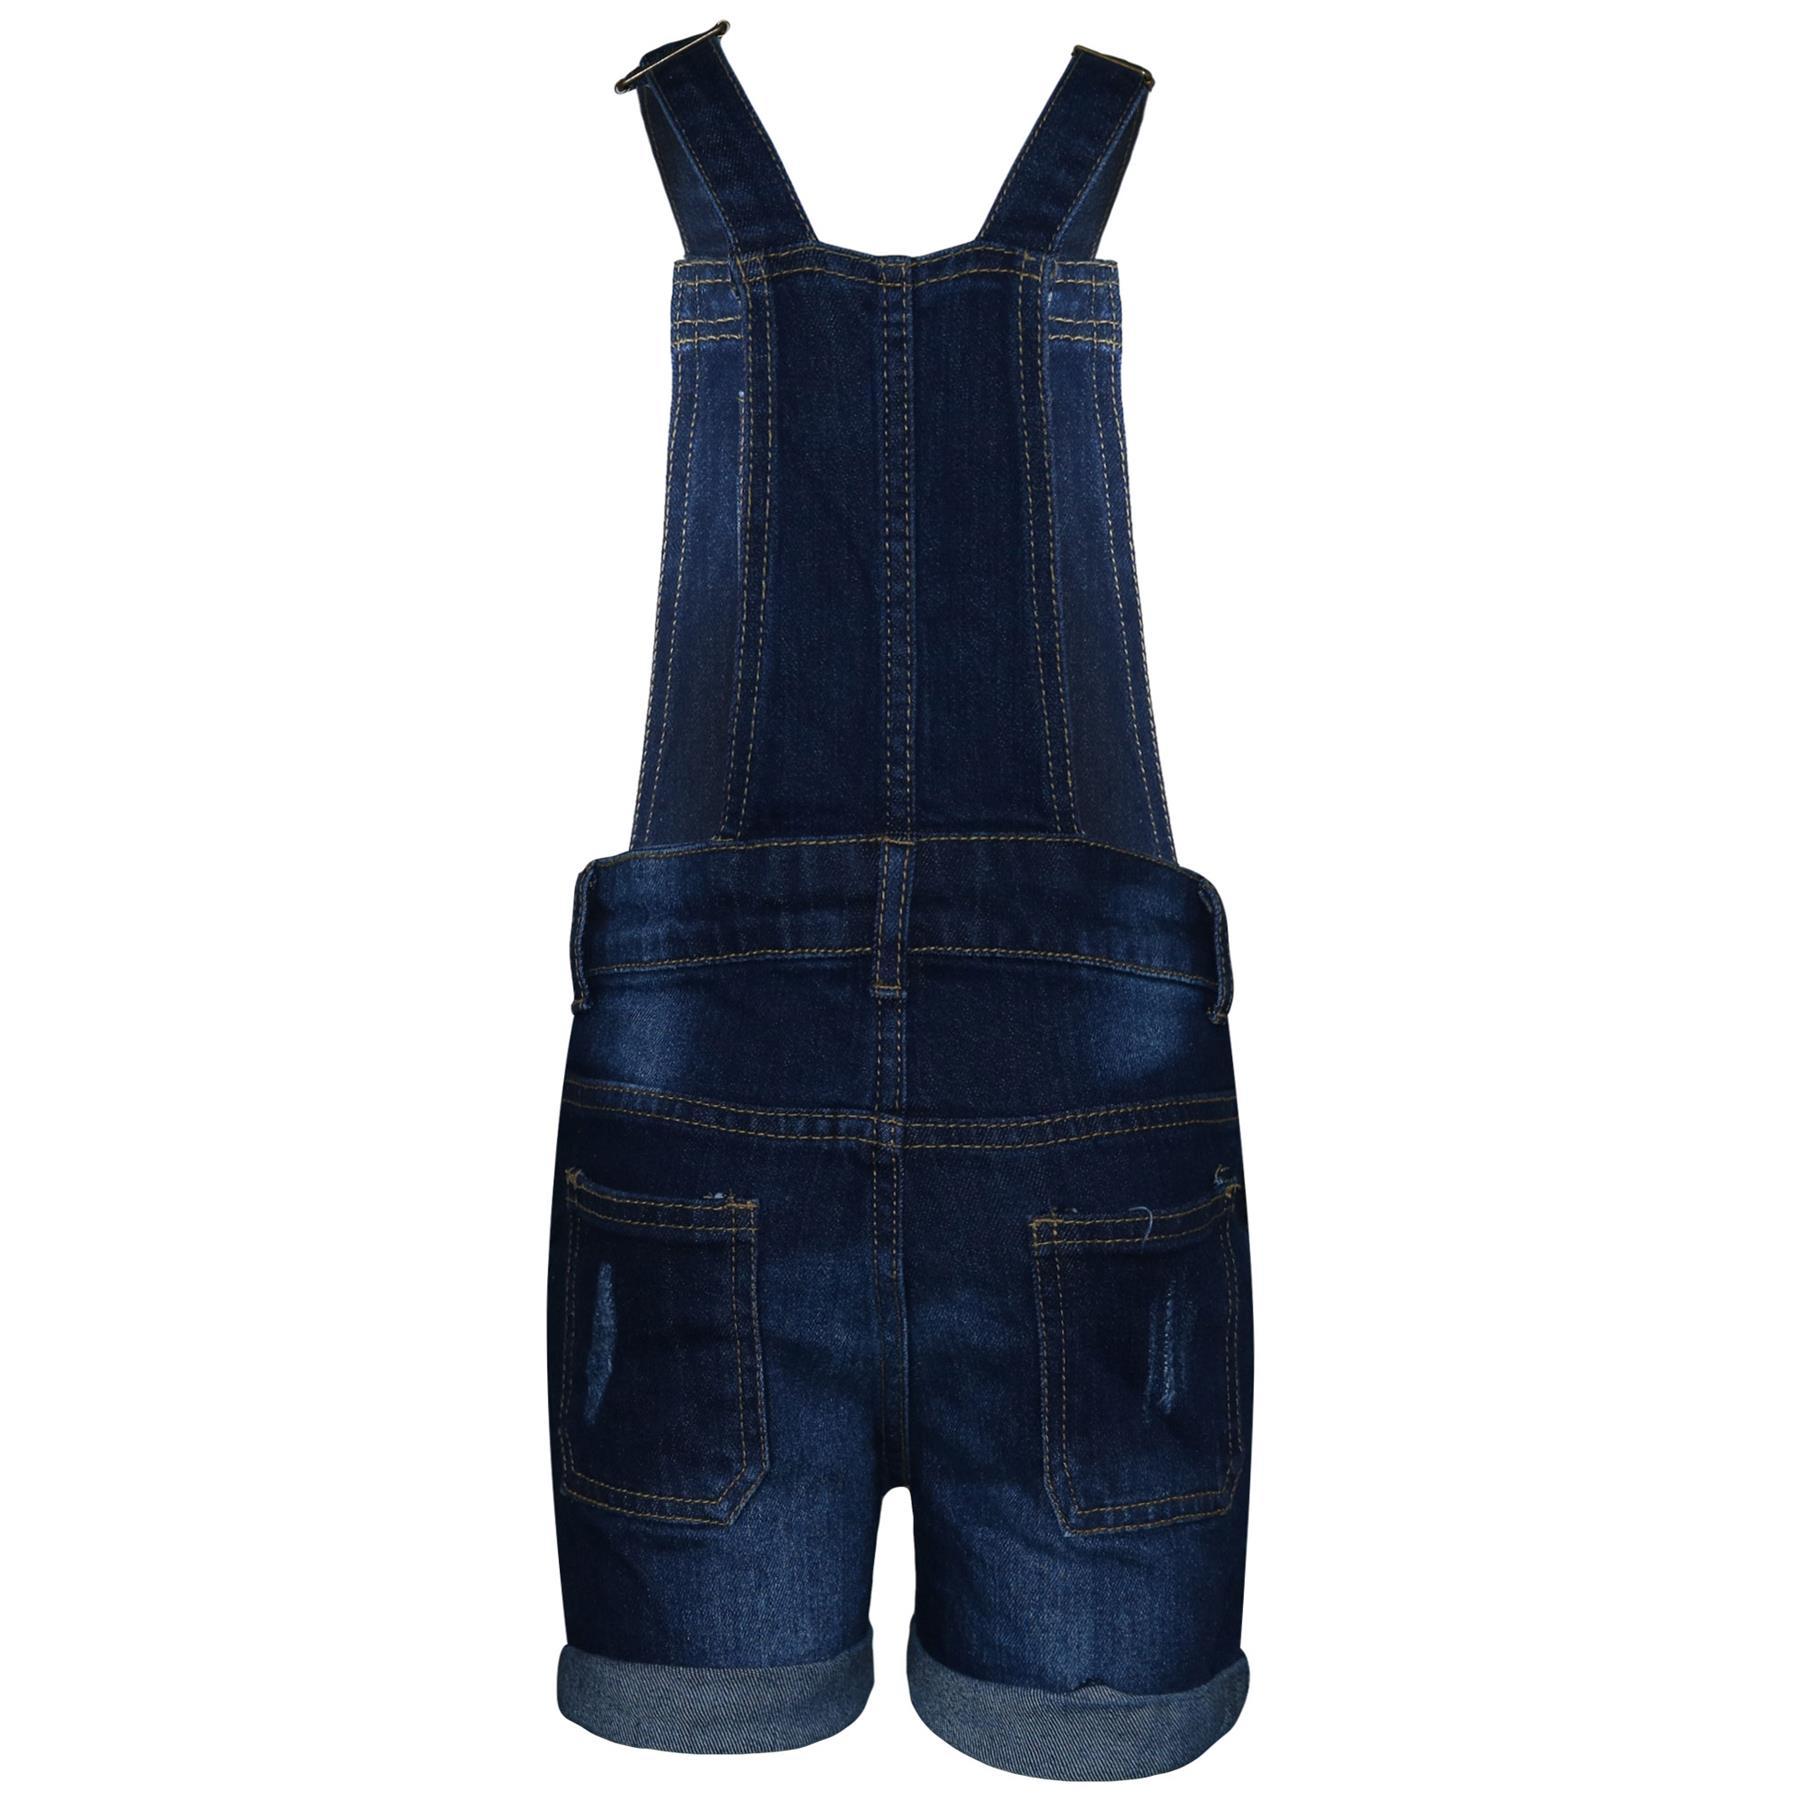 Indexbild 8 - Kinder Mädchen Latzhose Shorts Denim Gerippt Stretch Jeans Overall 5-13 Jahr